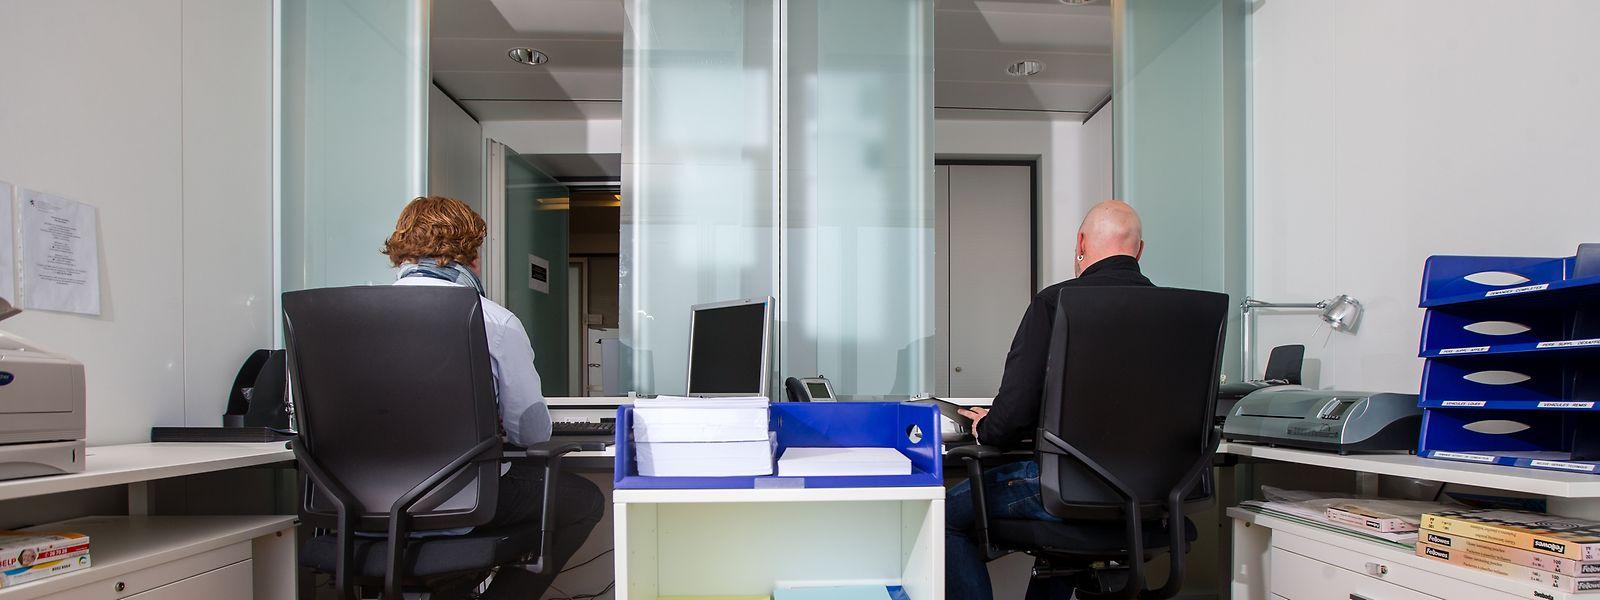 Gute Nachrichten für Berufsanfänger im öffentlichen Dienst: Das Gesetz zur Reform des Gehälterabkommens wird rückwirkend zum 1. Januar 2019 in Kraft treten.